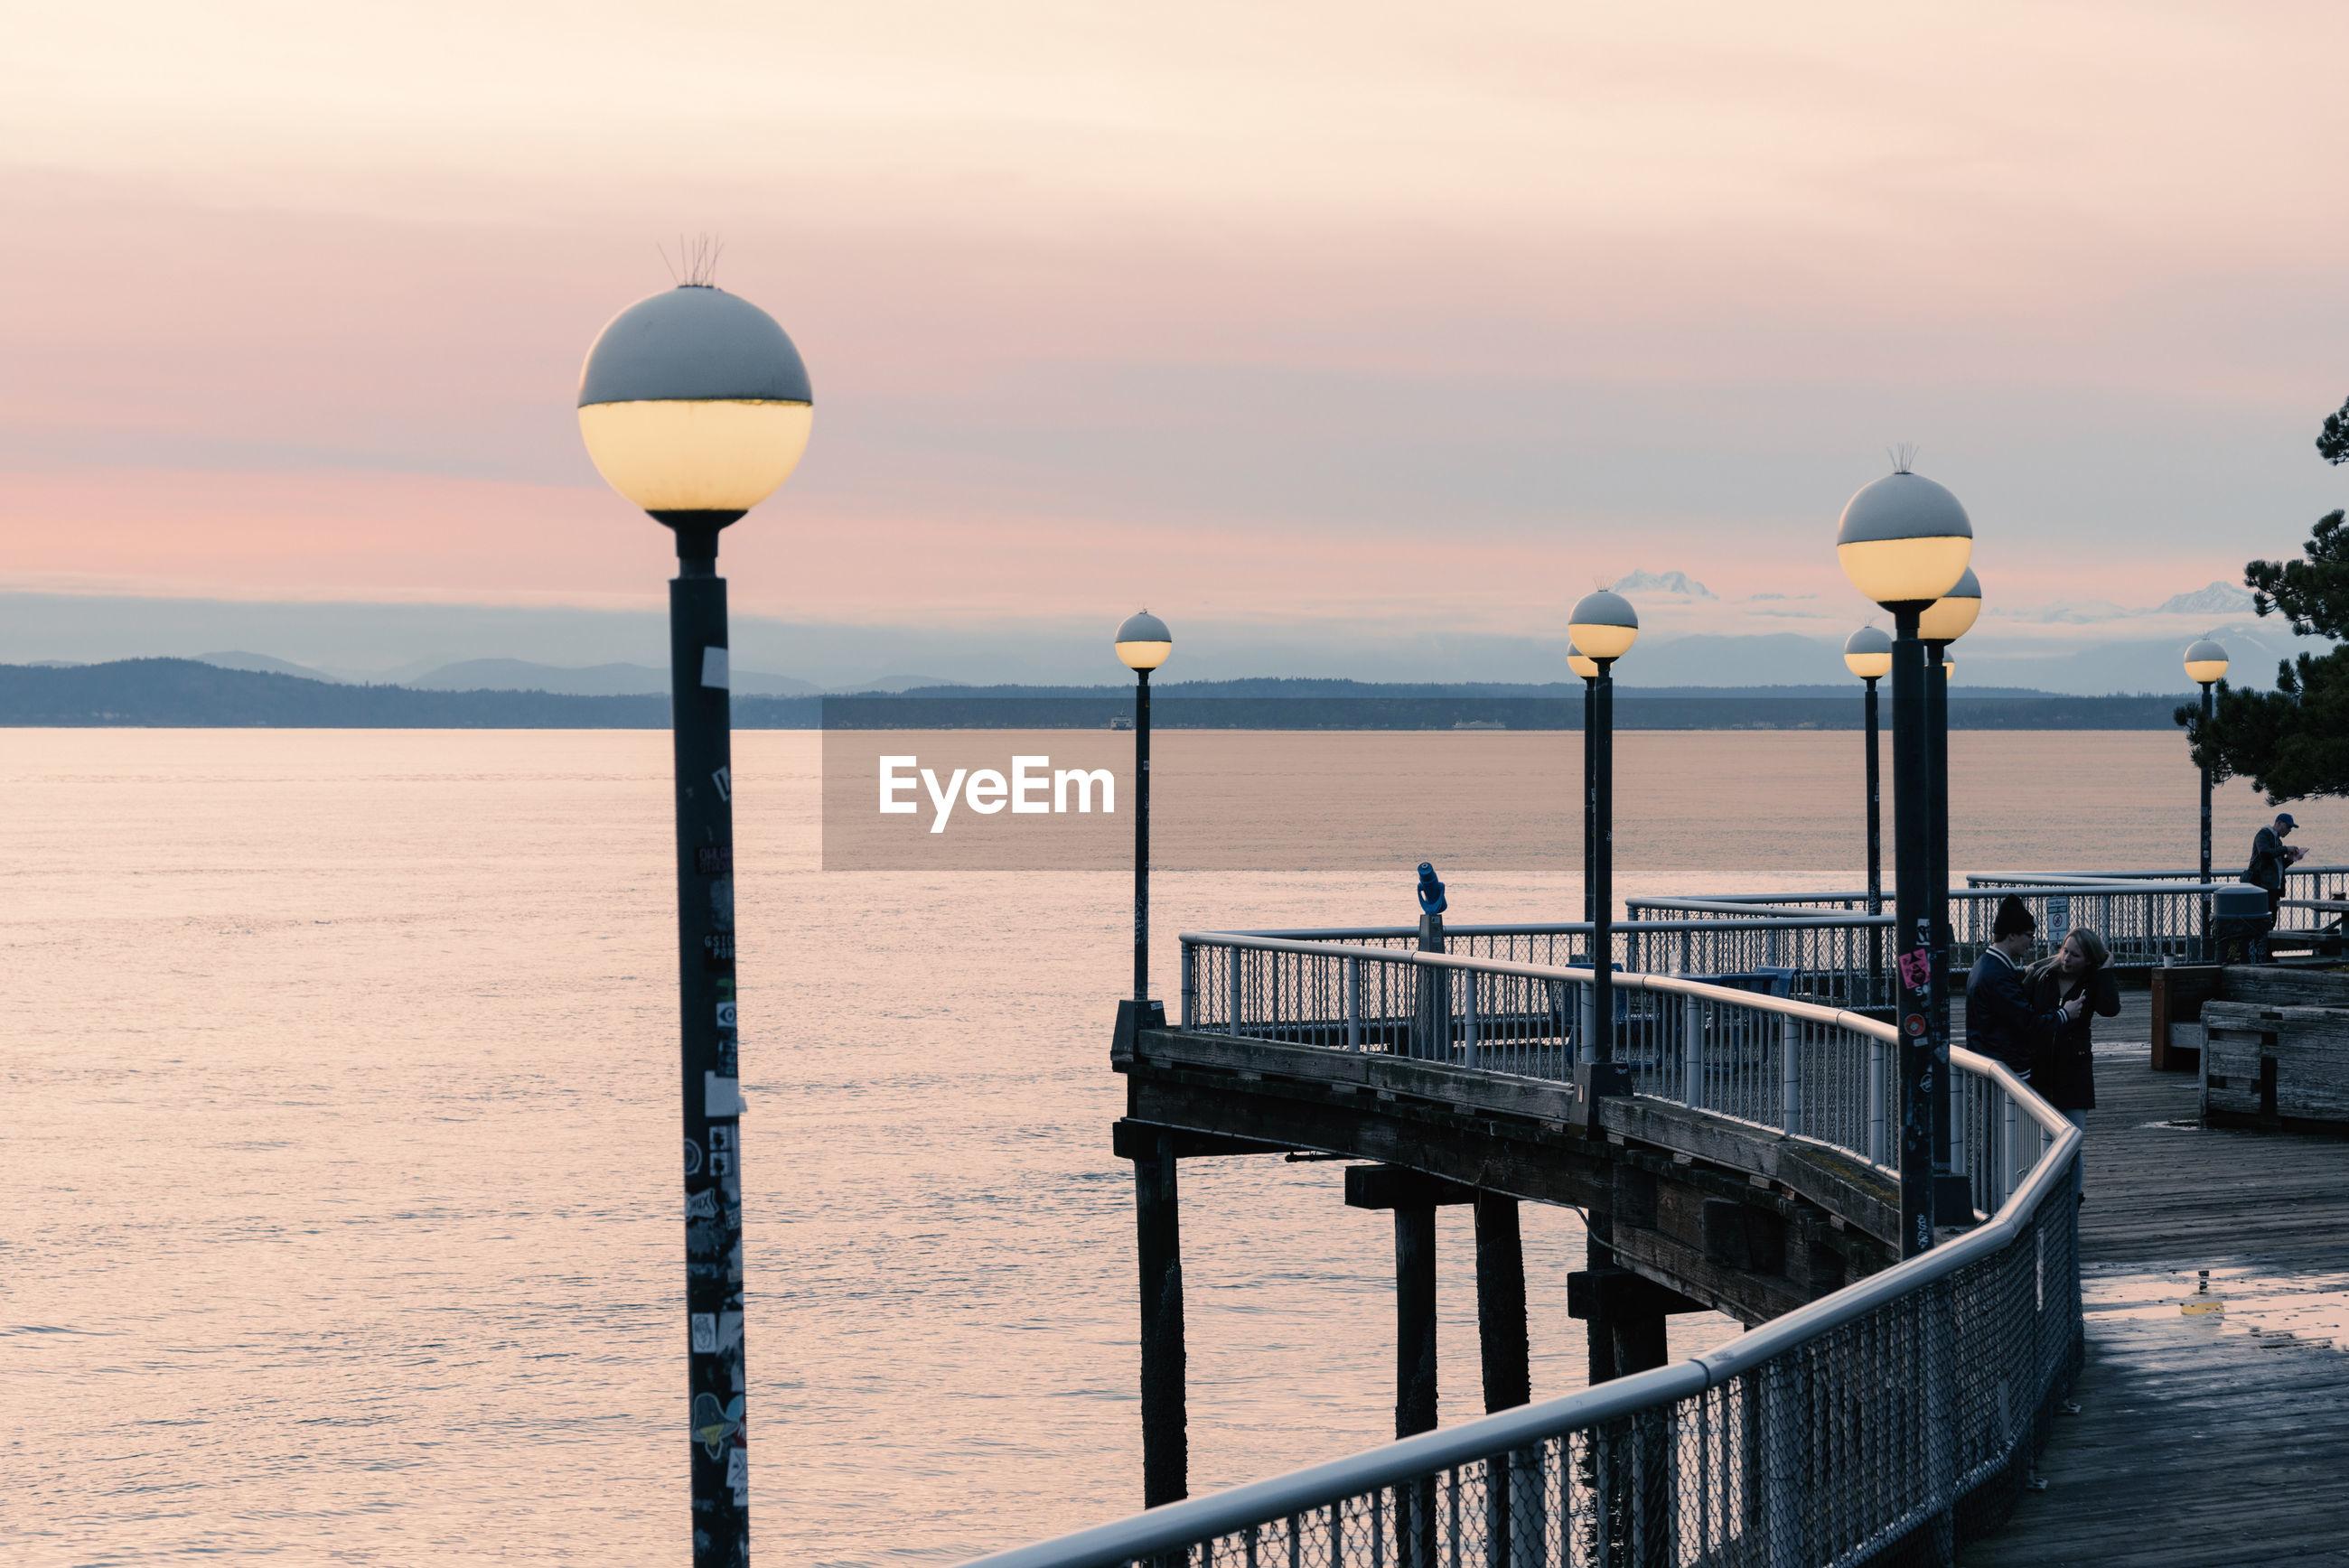 Illuminated street lights on pier by sea